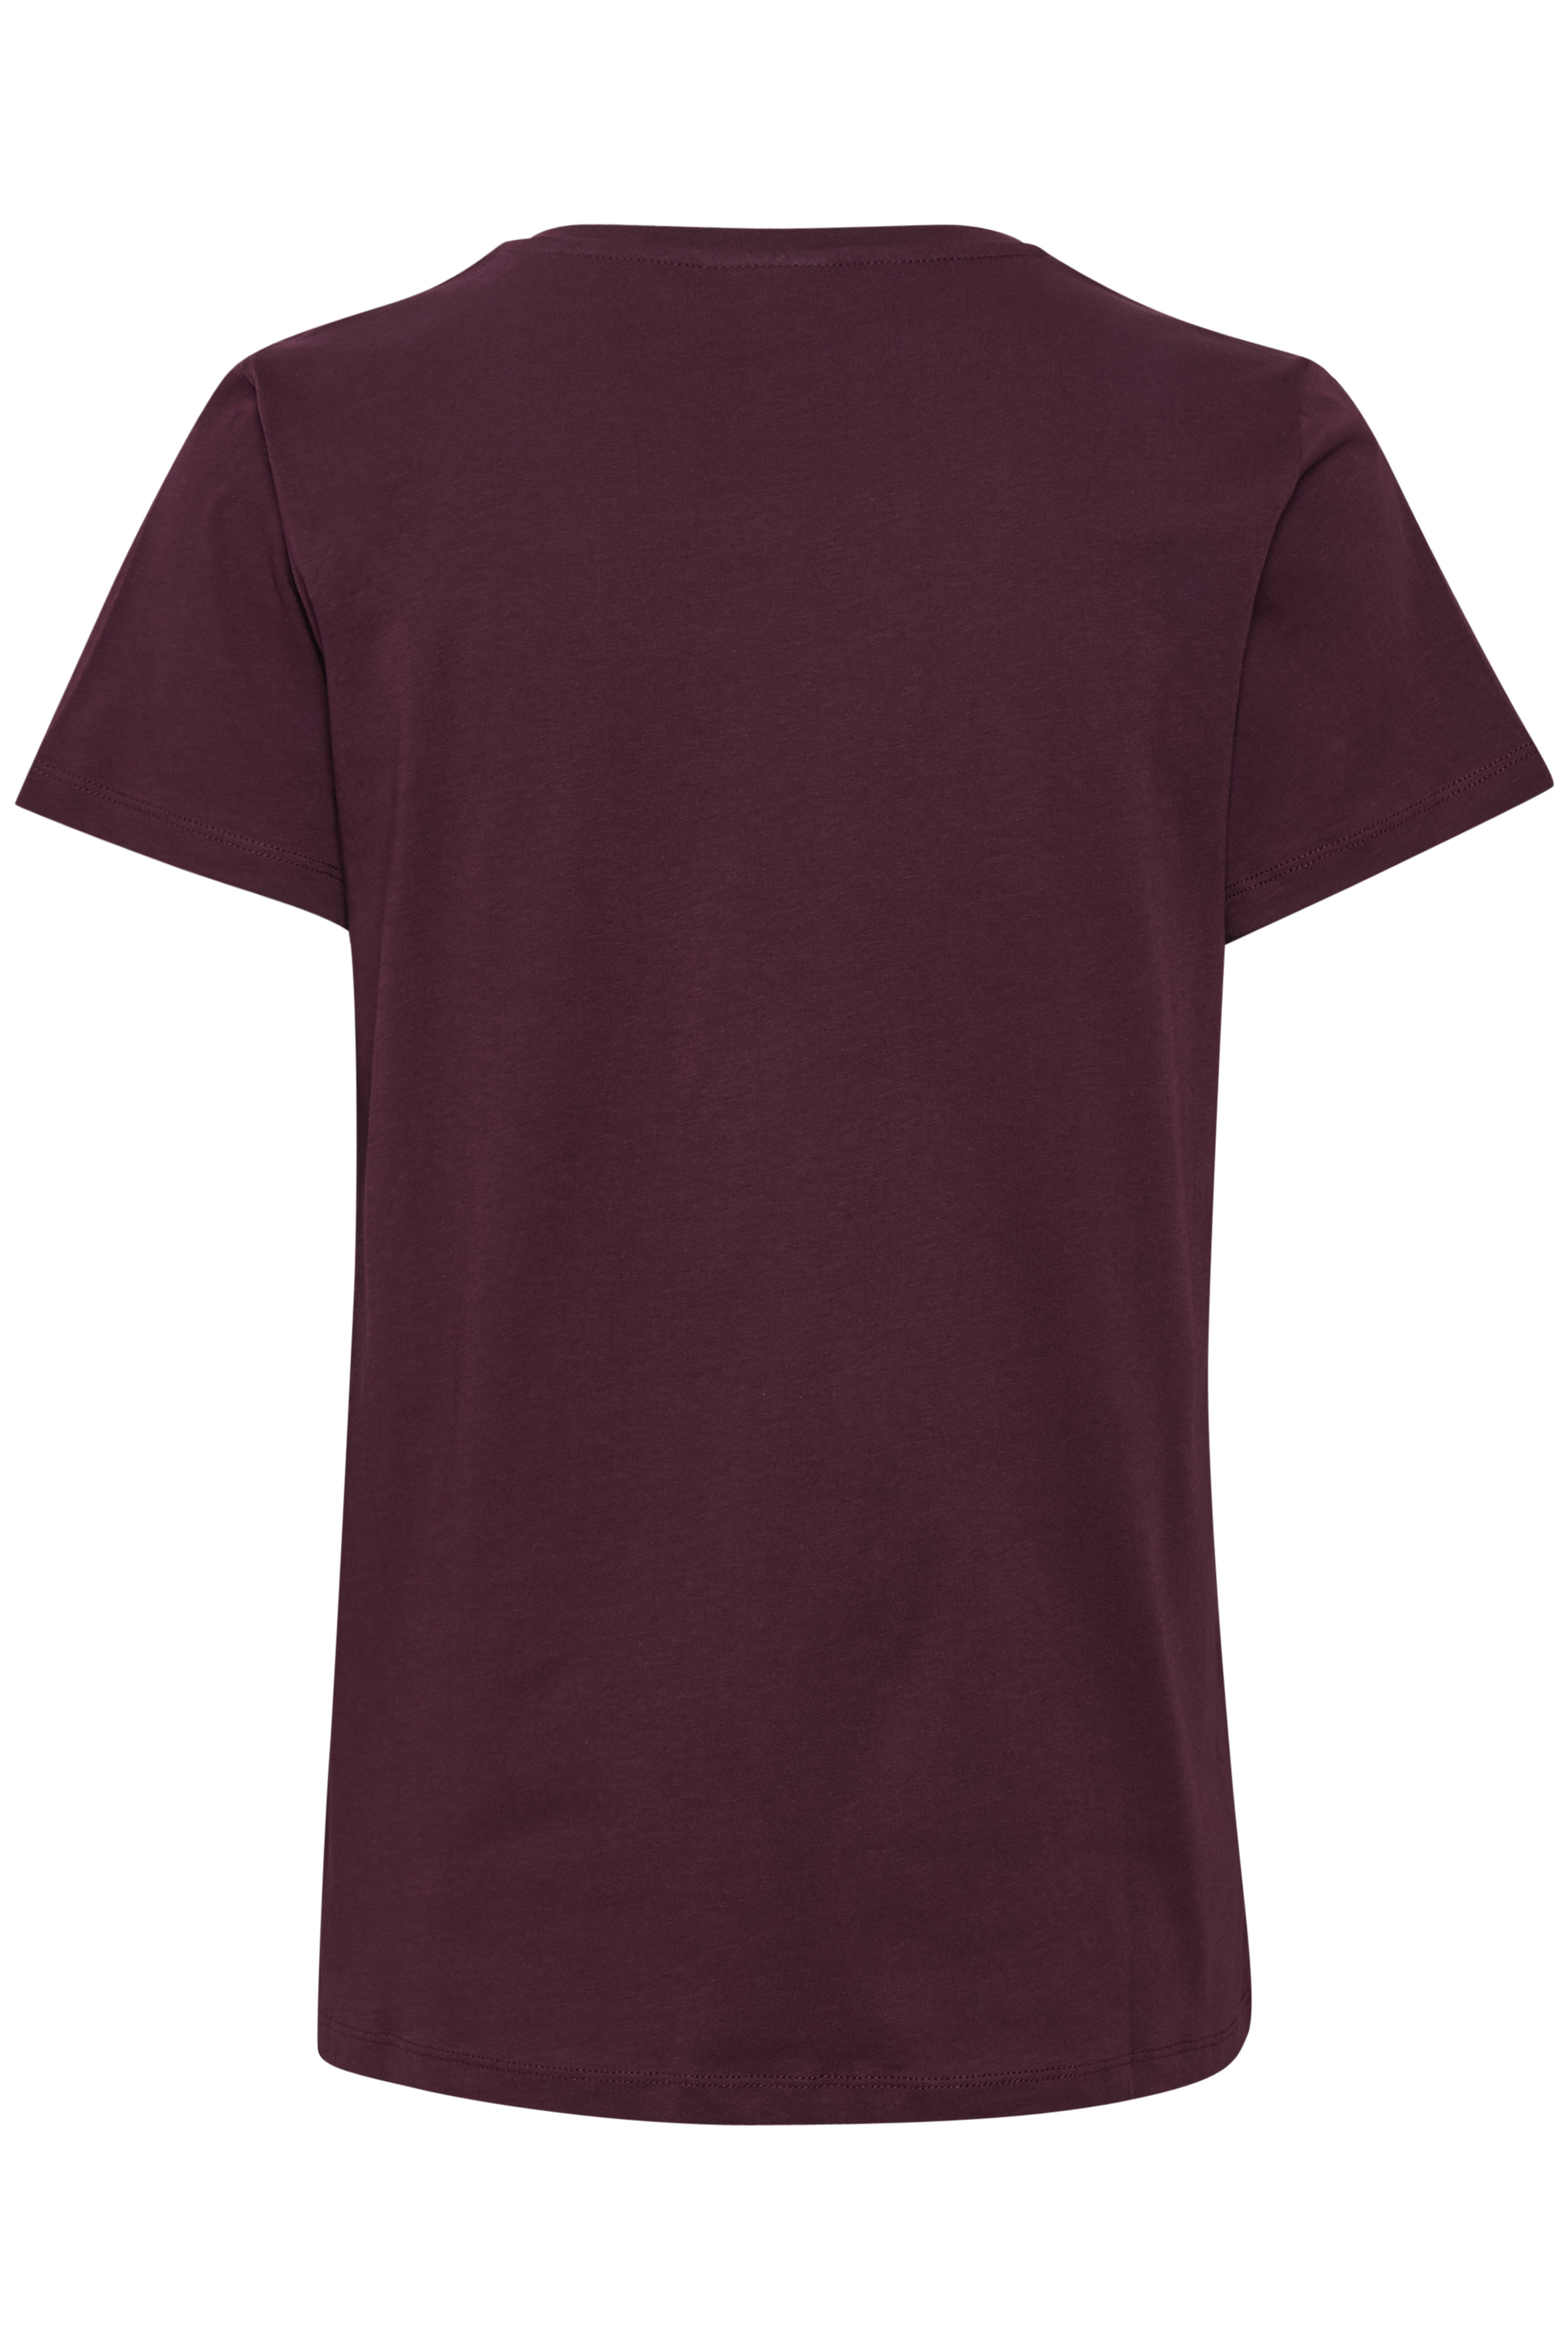 Mörk bordeaux Kortärmad T-shirt från Kaffe – Köp Mörk bordeaux Kortärmad T-shirt från stl. XS-XXL här